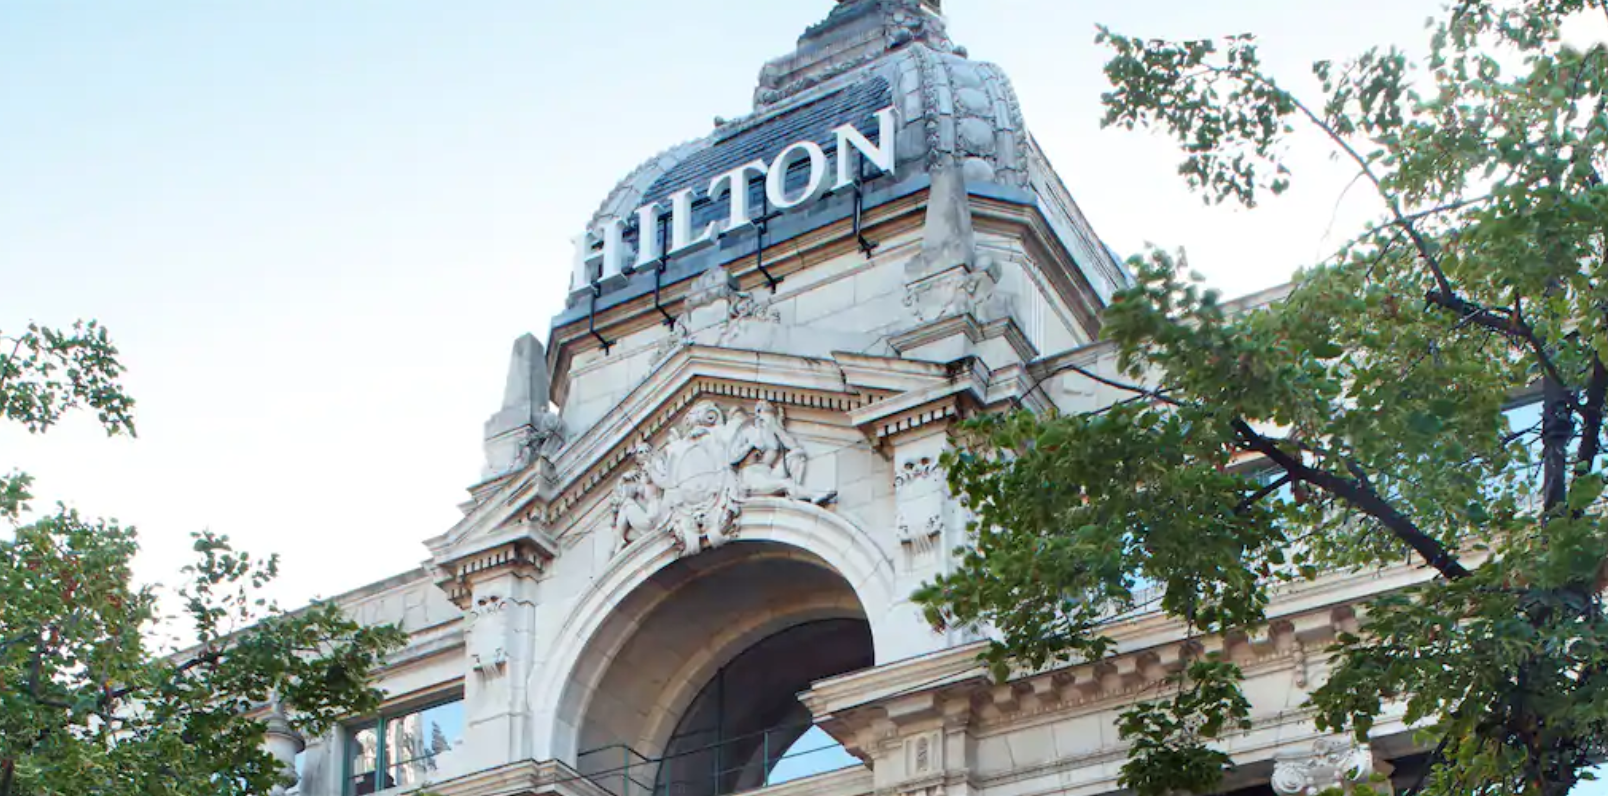 hilton old town